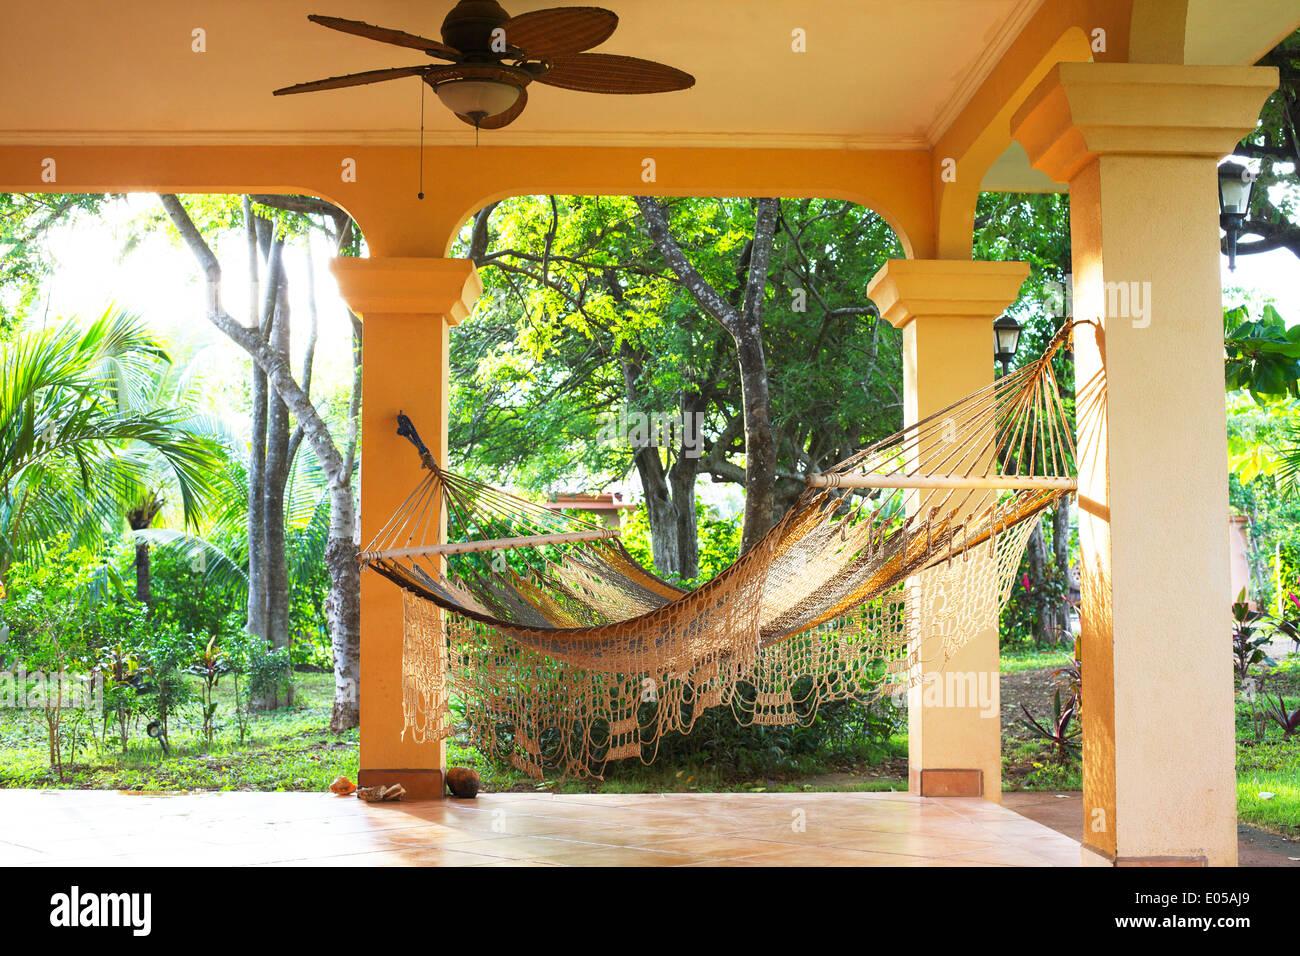 Un invitante amaca appesa su un soleggiato portico con i tropici in background. Immagini Stock